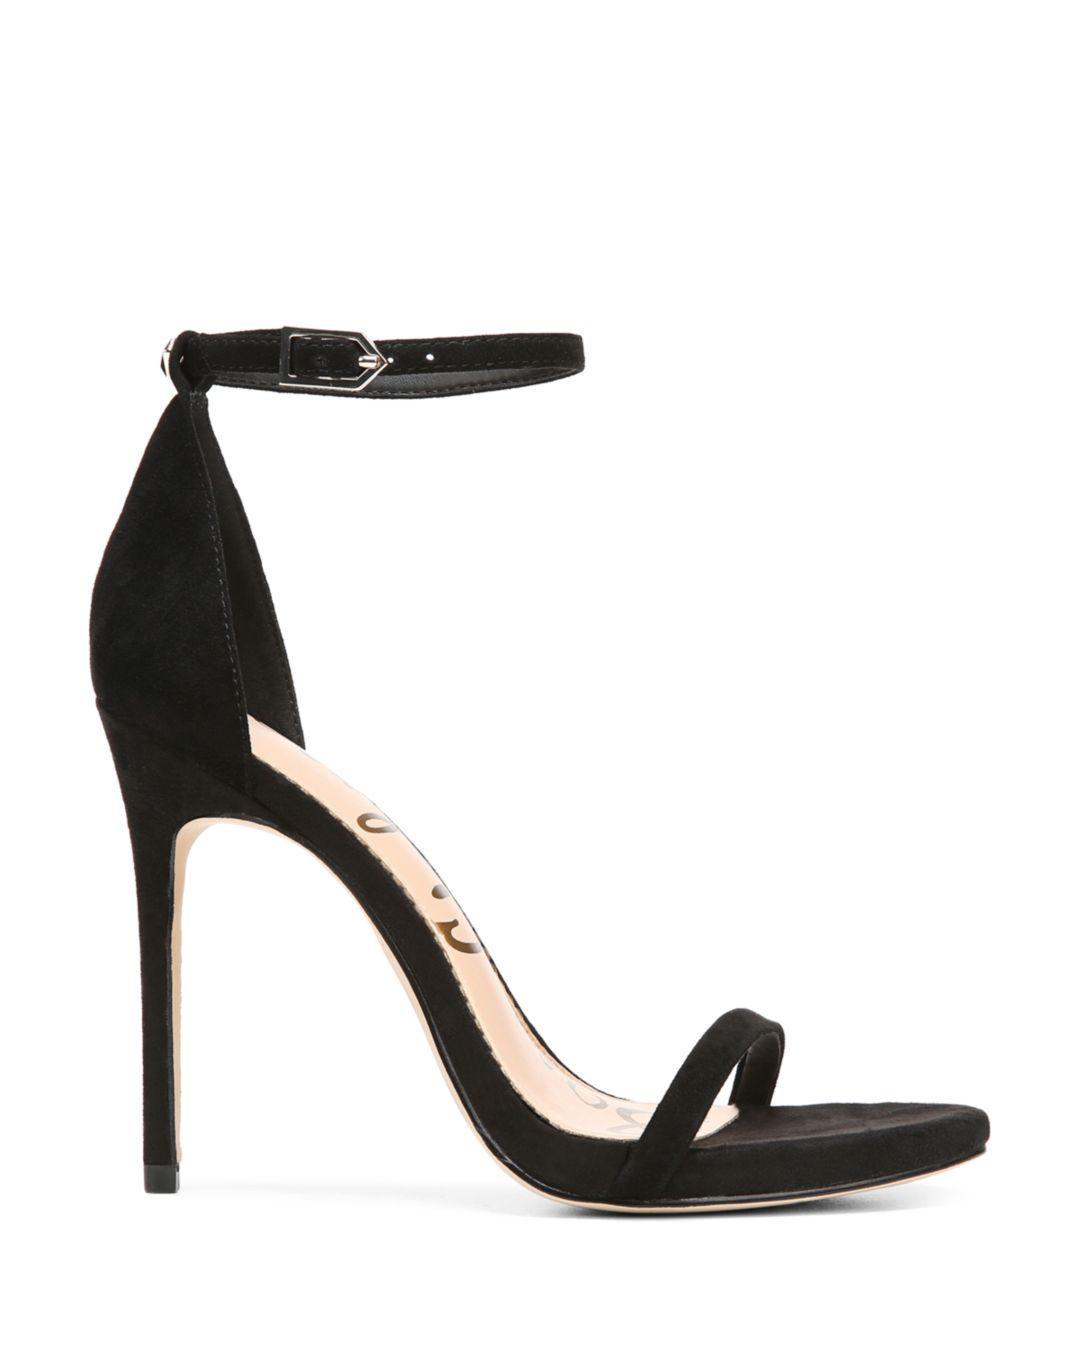 49719f4265710 Lyst - Sam Edelman Women s Ariella High-heel Ankle Strap Sandals in Black -  Save 67%